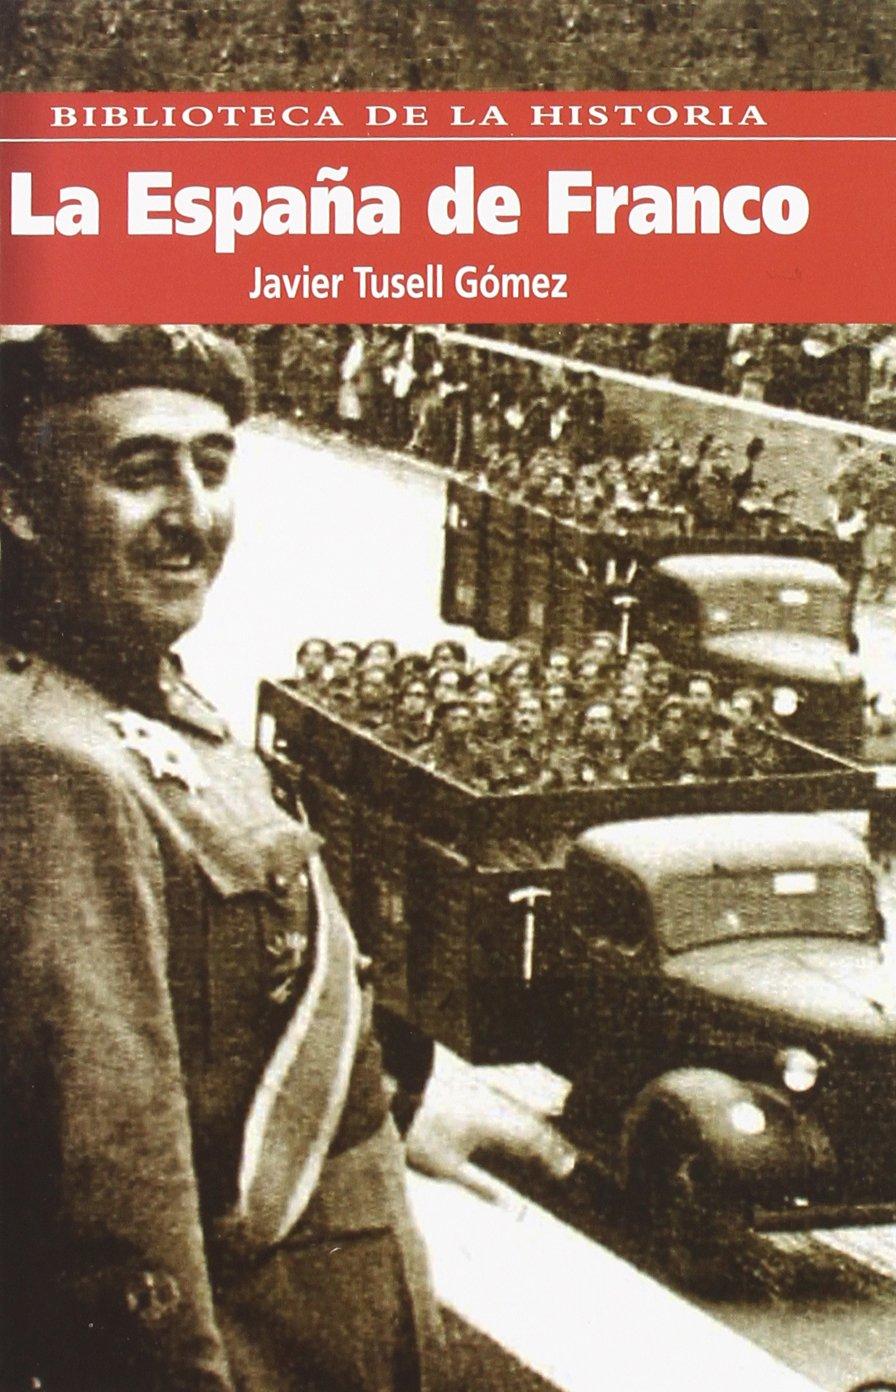 La España de Franco: Amazon.es: Tusell, Javier: Libros